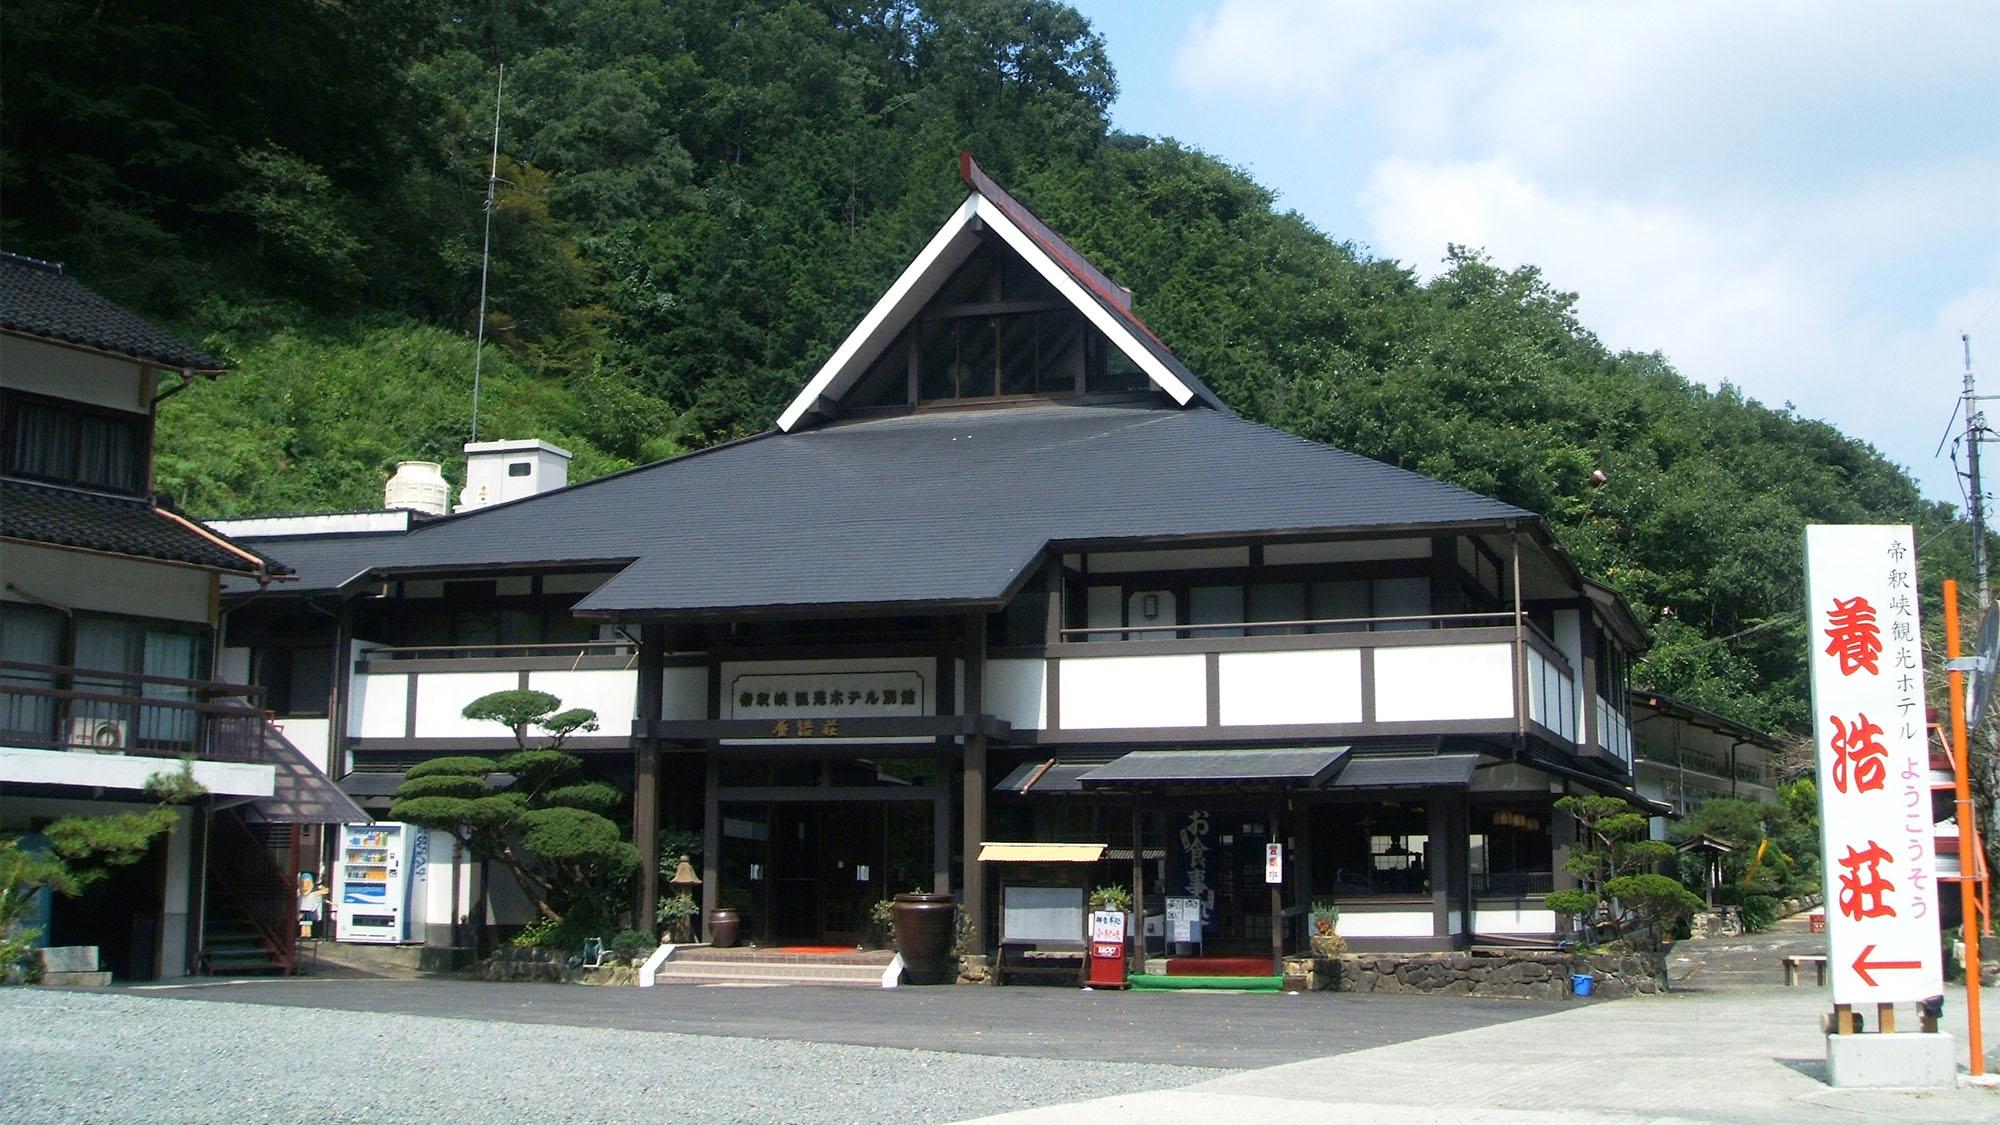 帝釈峡観光ホテル 養浩荘◆楽天トラベル